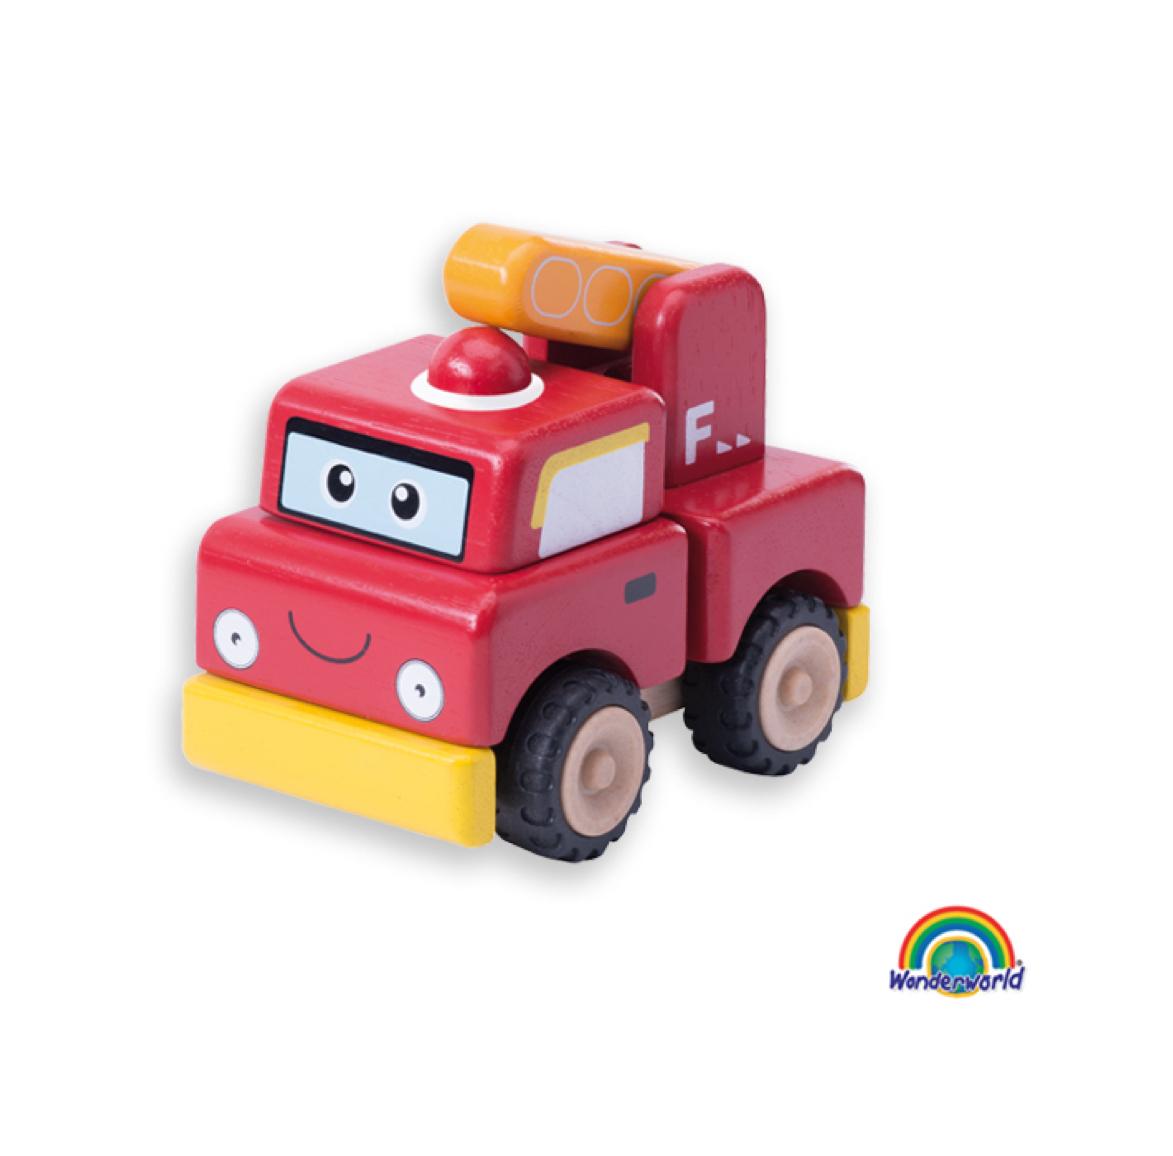 construye-un-camion-de-bomberos-de-wonderworld-en-el-mundo-de-mico